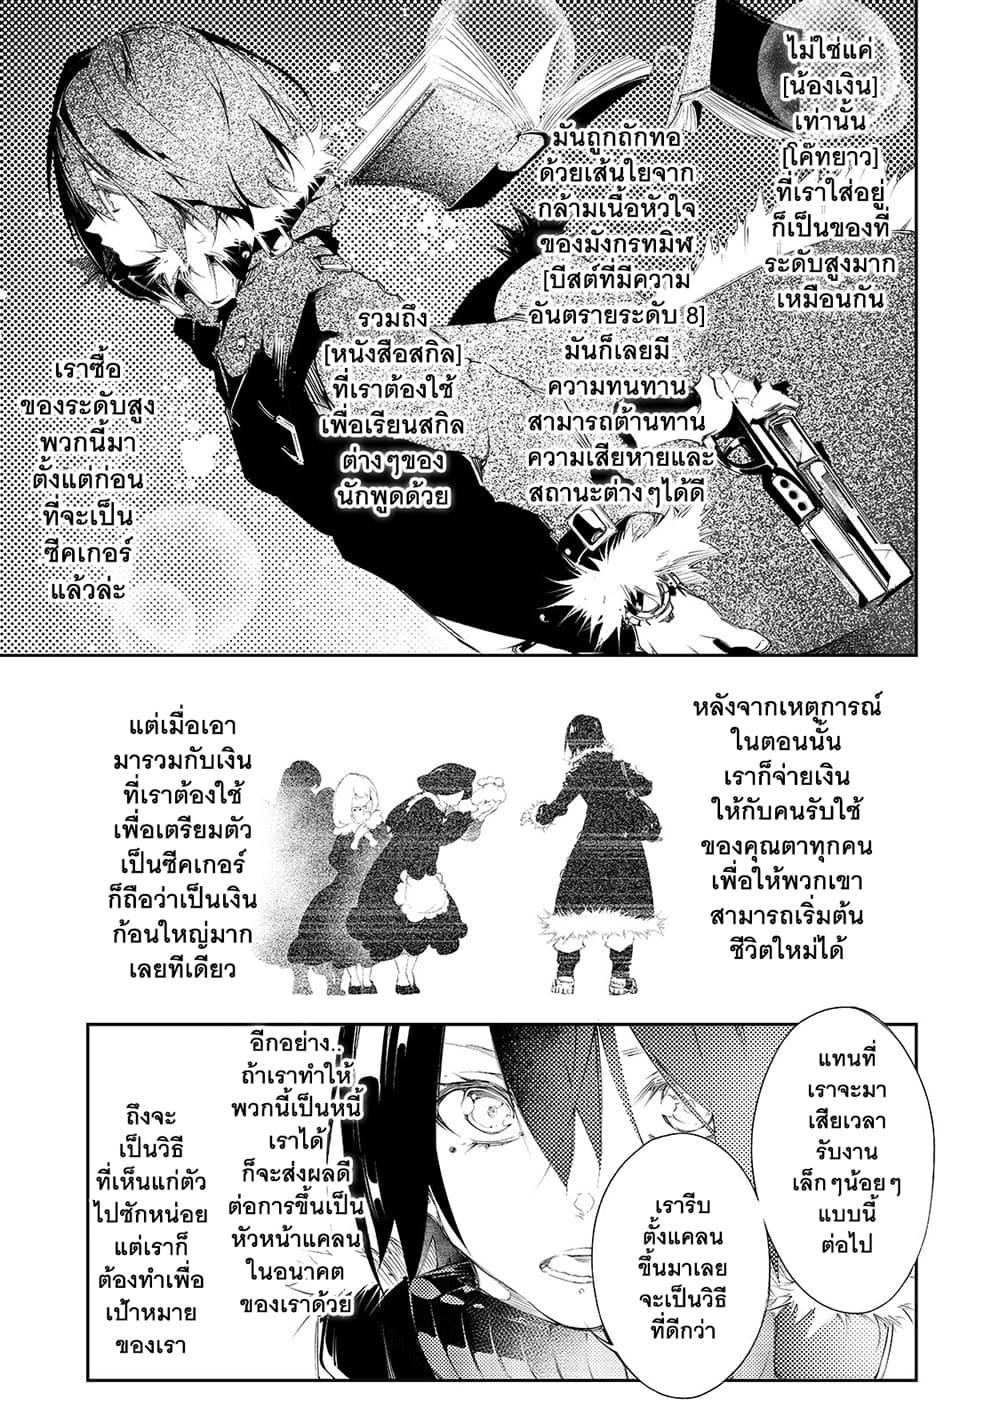 อ่านการ์ตูน Saikyou no Shien-shoku Wajutsushi Dearu Ore wa Sekai Saikyou Kuran o Shitagaeru ตอนที่ 4 หน้าที่ 5